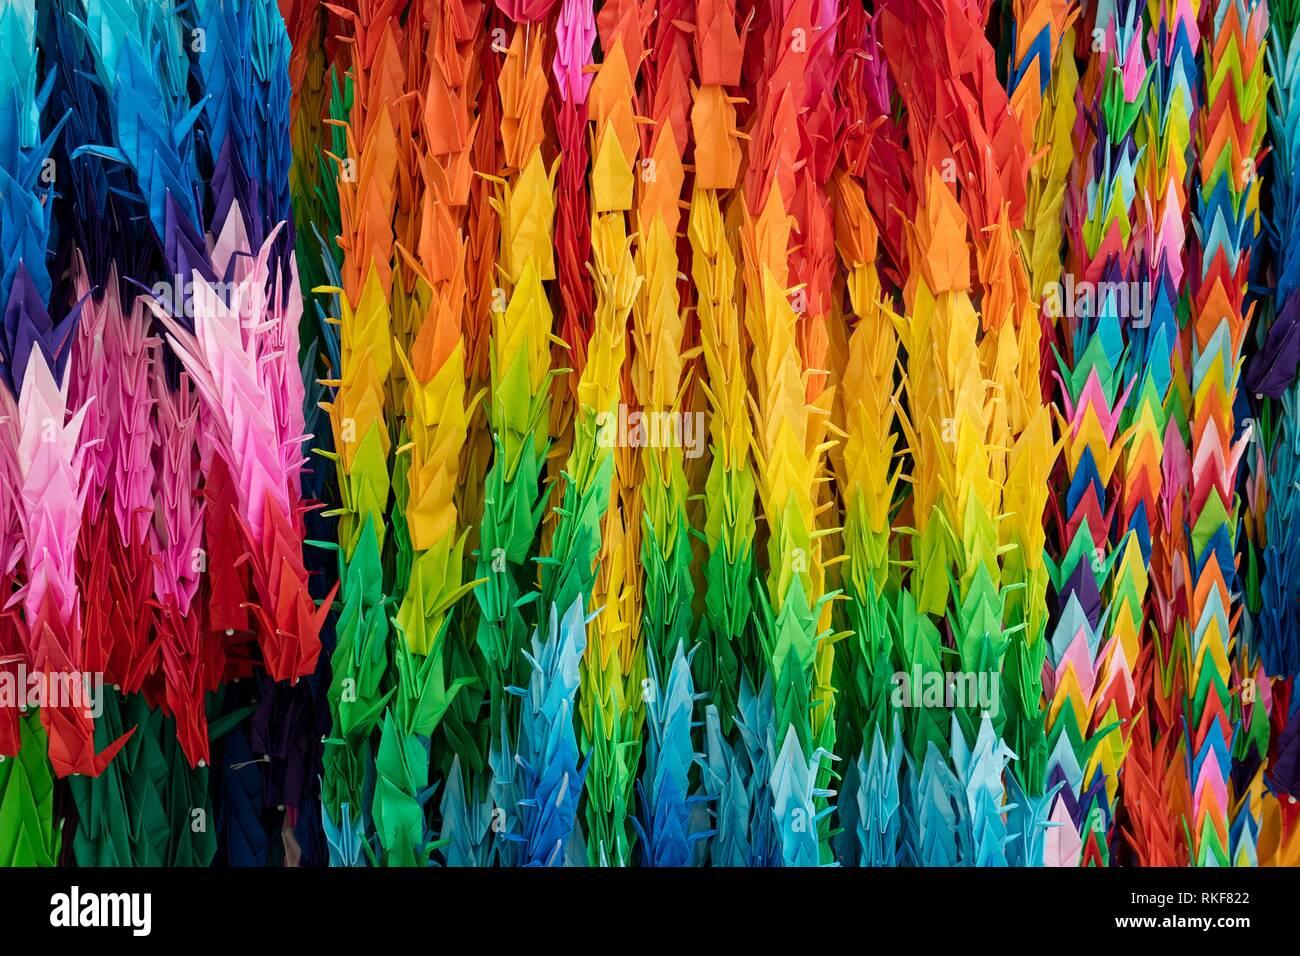 Trauben von bunten Origami Papier Kran Vögel full frame. Stockbild